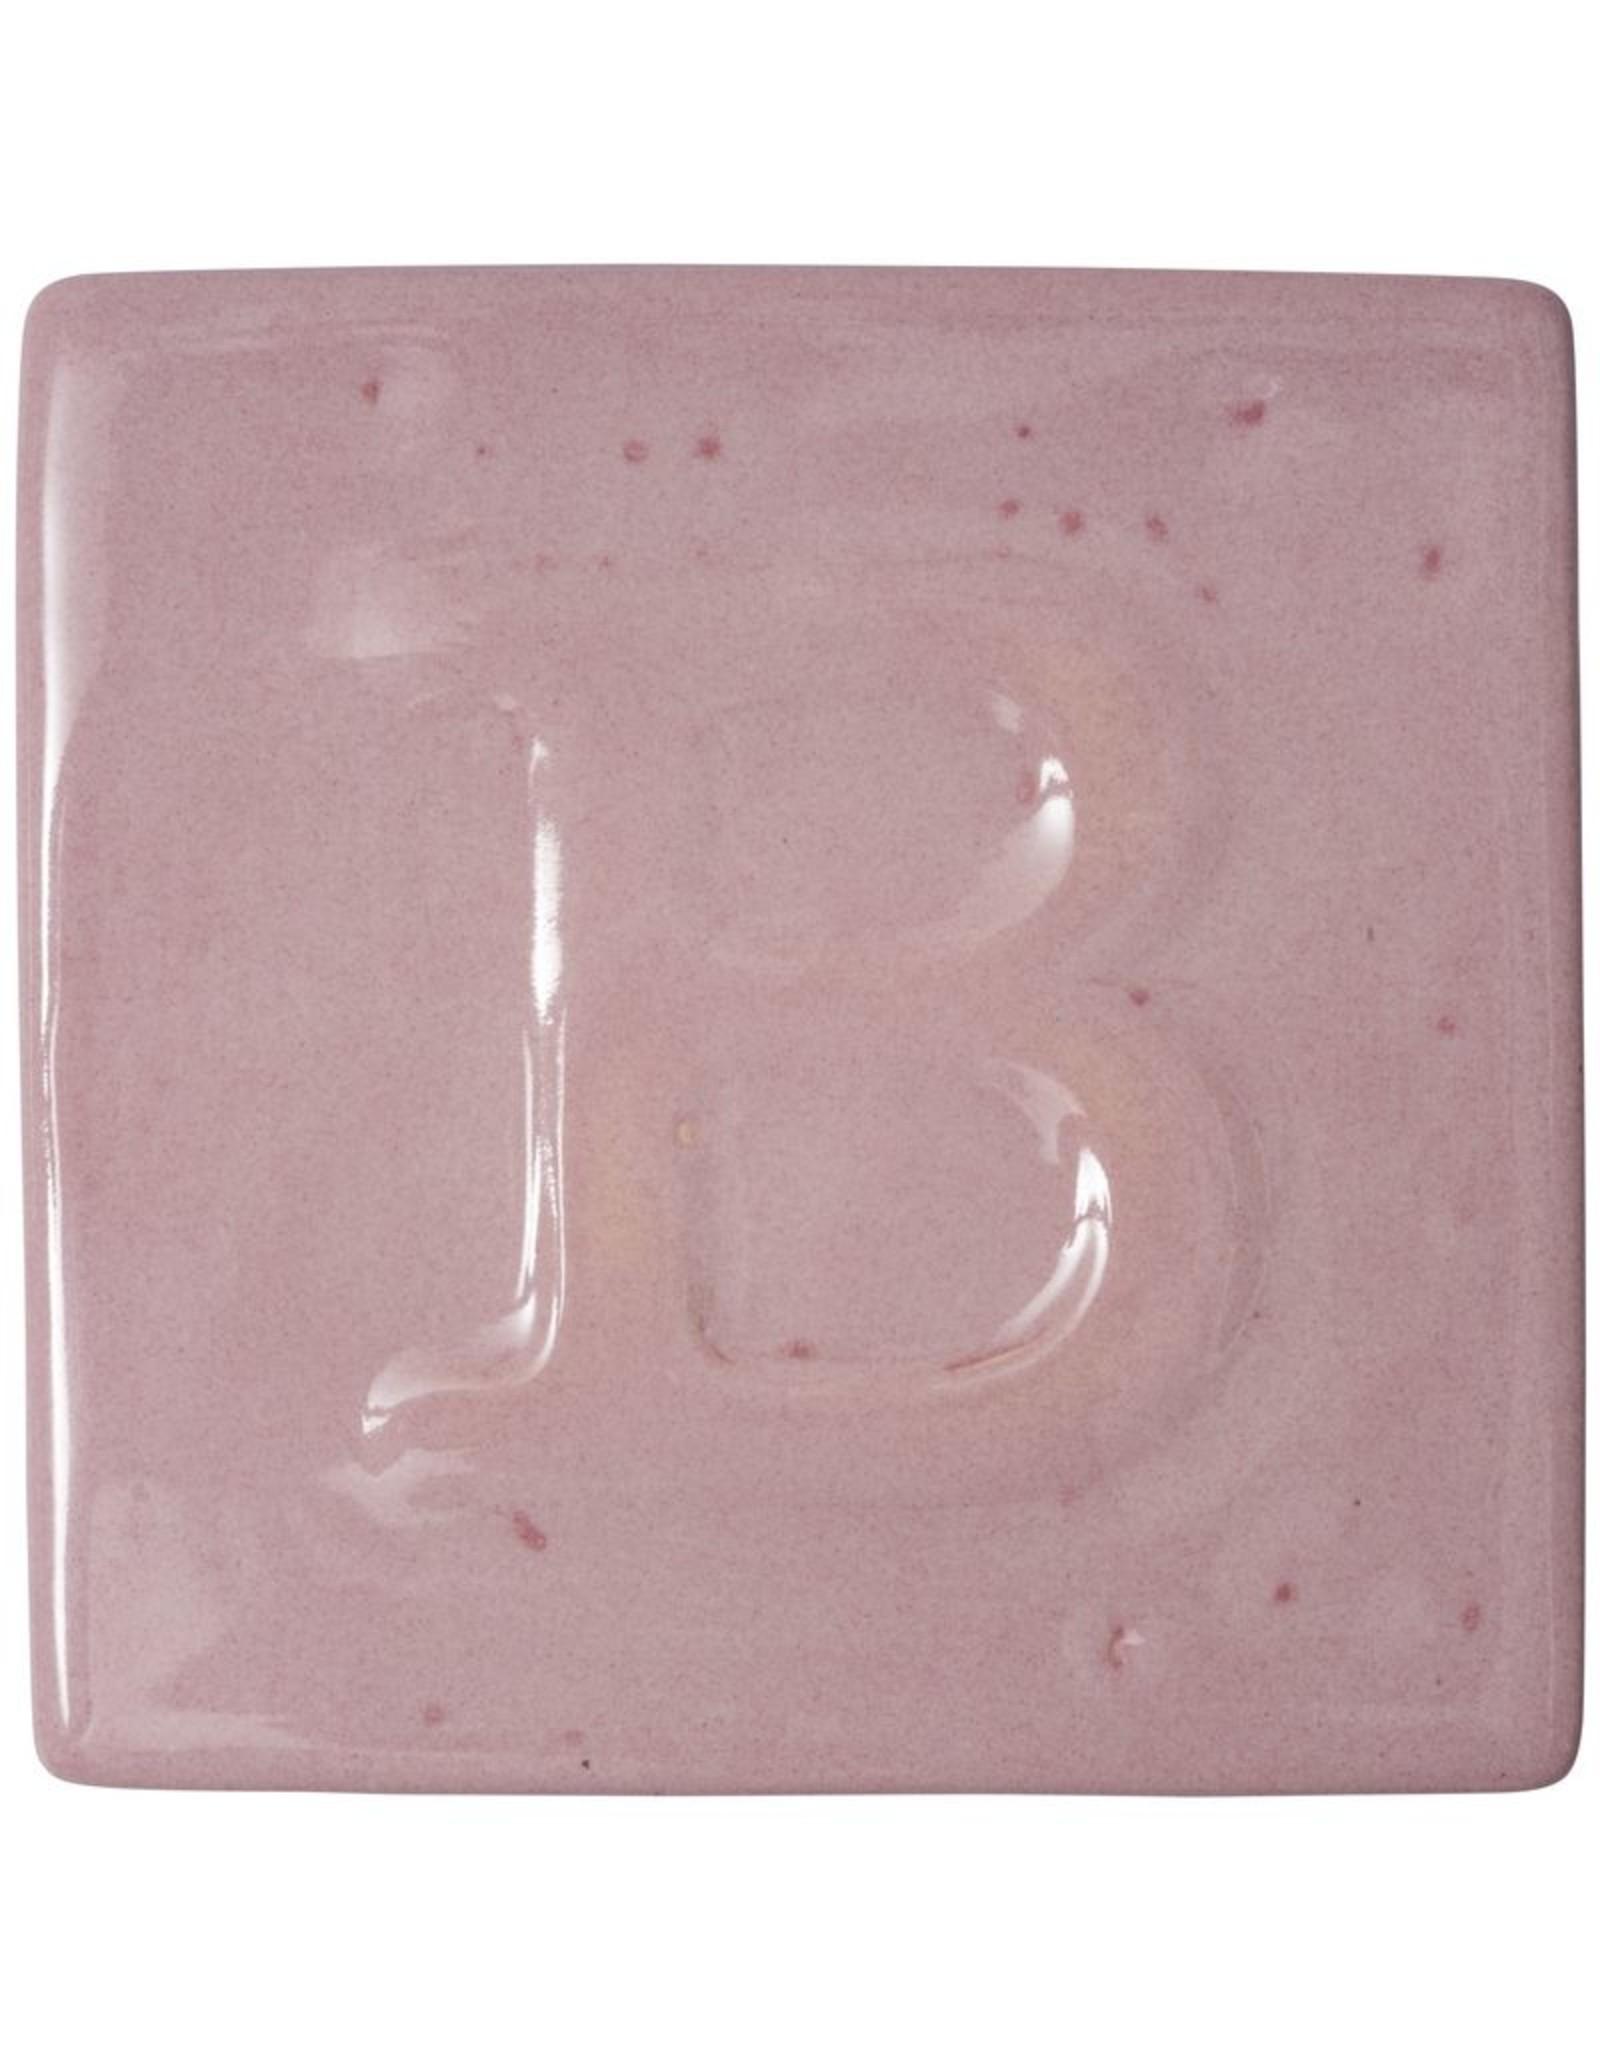 Botz Pink 200ml